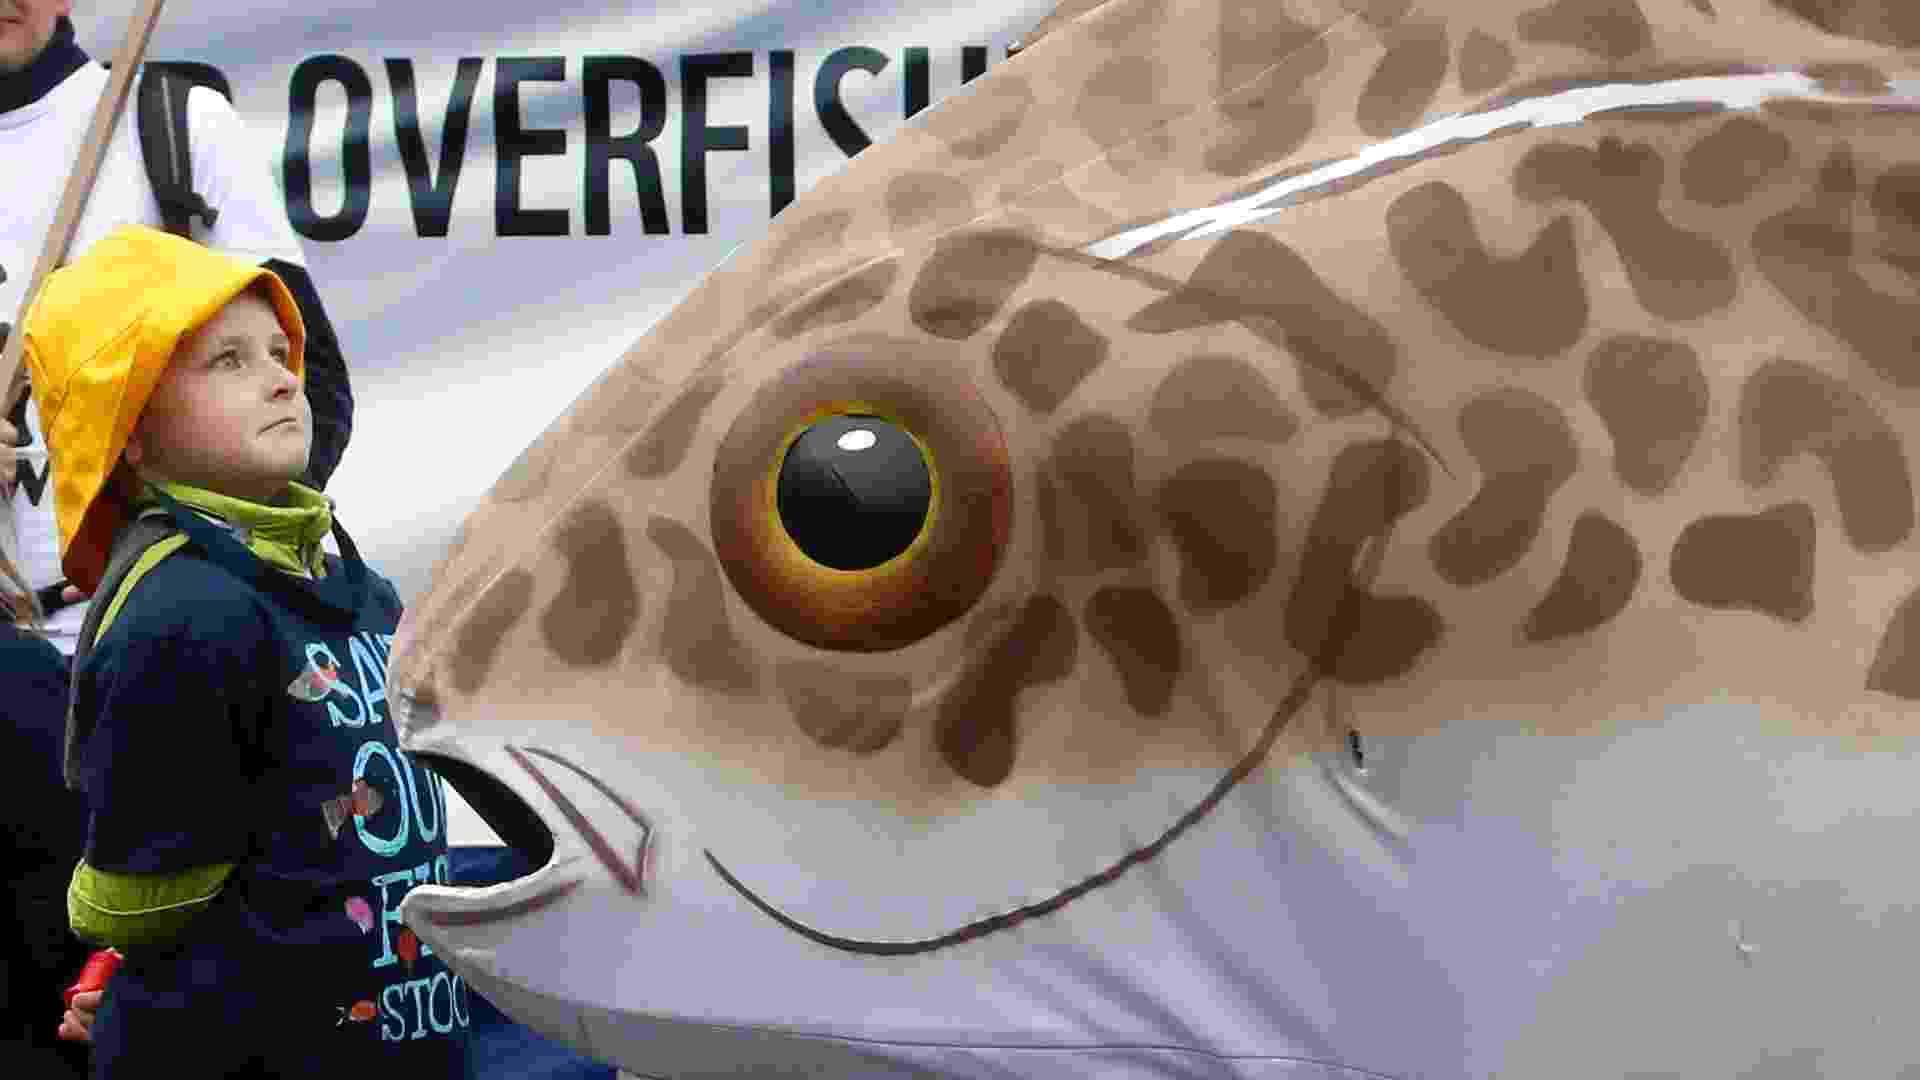 """30.mai.2013 - Menino participa de protesto organizado por uma ONG contra a sobrepesca em frente ao Conselho Europeu em Bruxelas. Os países da União Europeia decidiram reduzir de maneira progressiva de 7% a 5% os descartes de peixes, como se denomina a prática de devolver ao mar a pesca de pouco valor comercial. Os grupos ecologistas saudaram o acordo que """"restabelecerá a saúde"""" de nossos mares - Francois Lenoir/Reuters"""